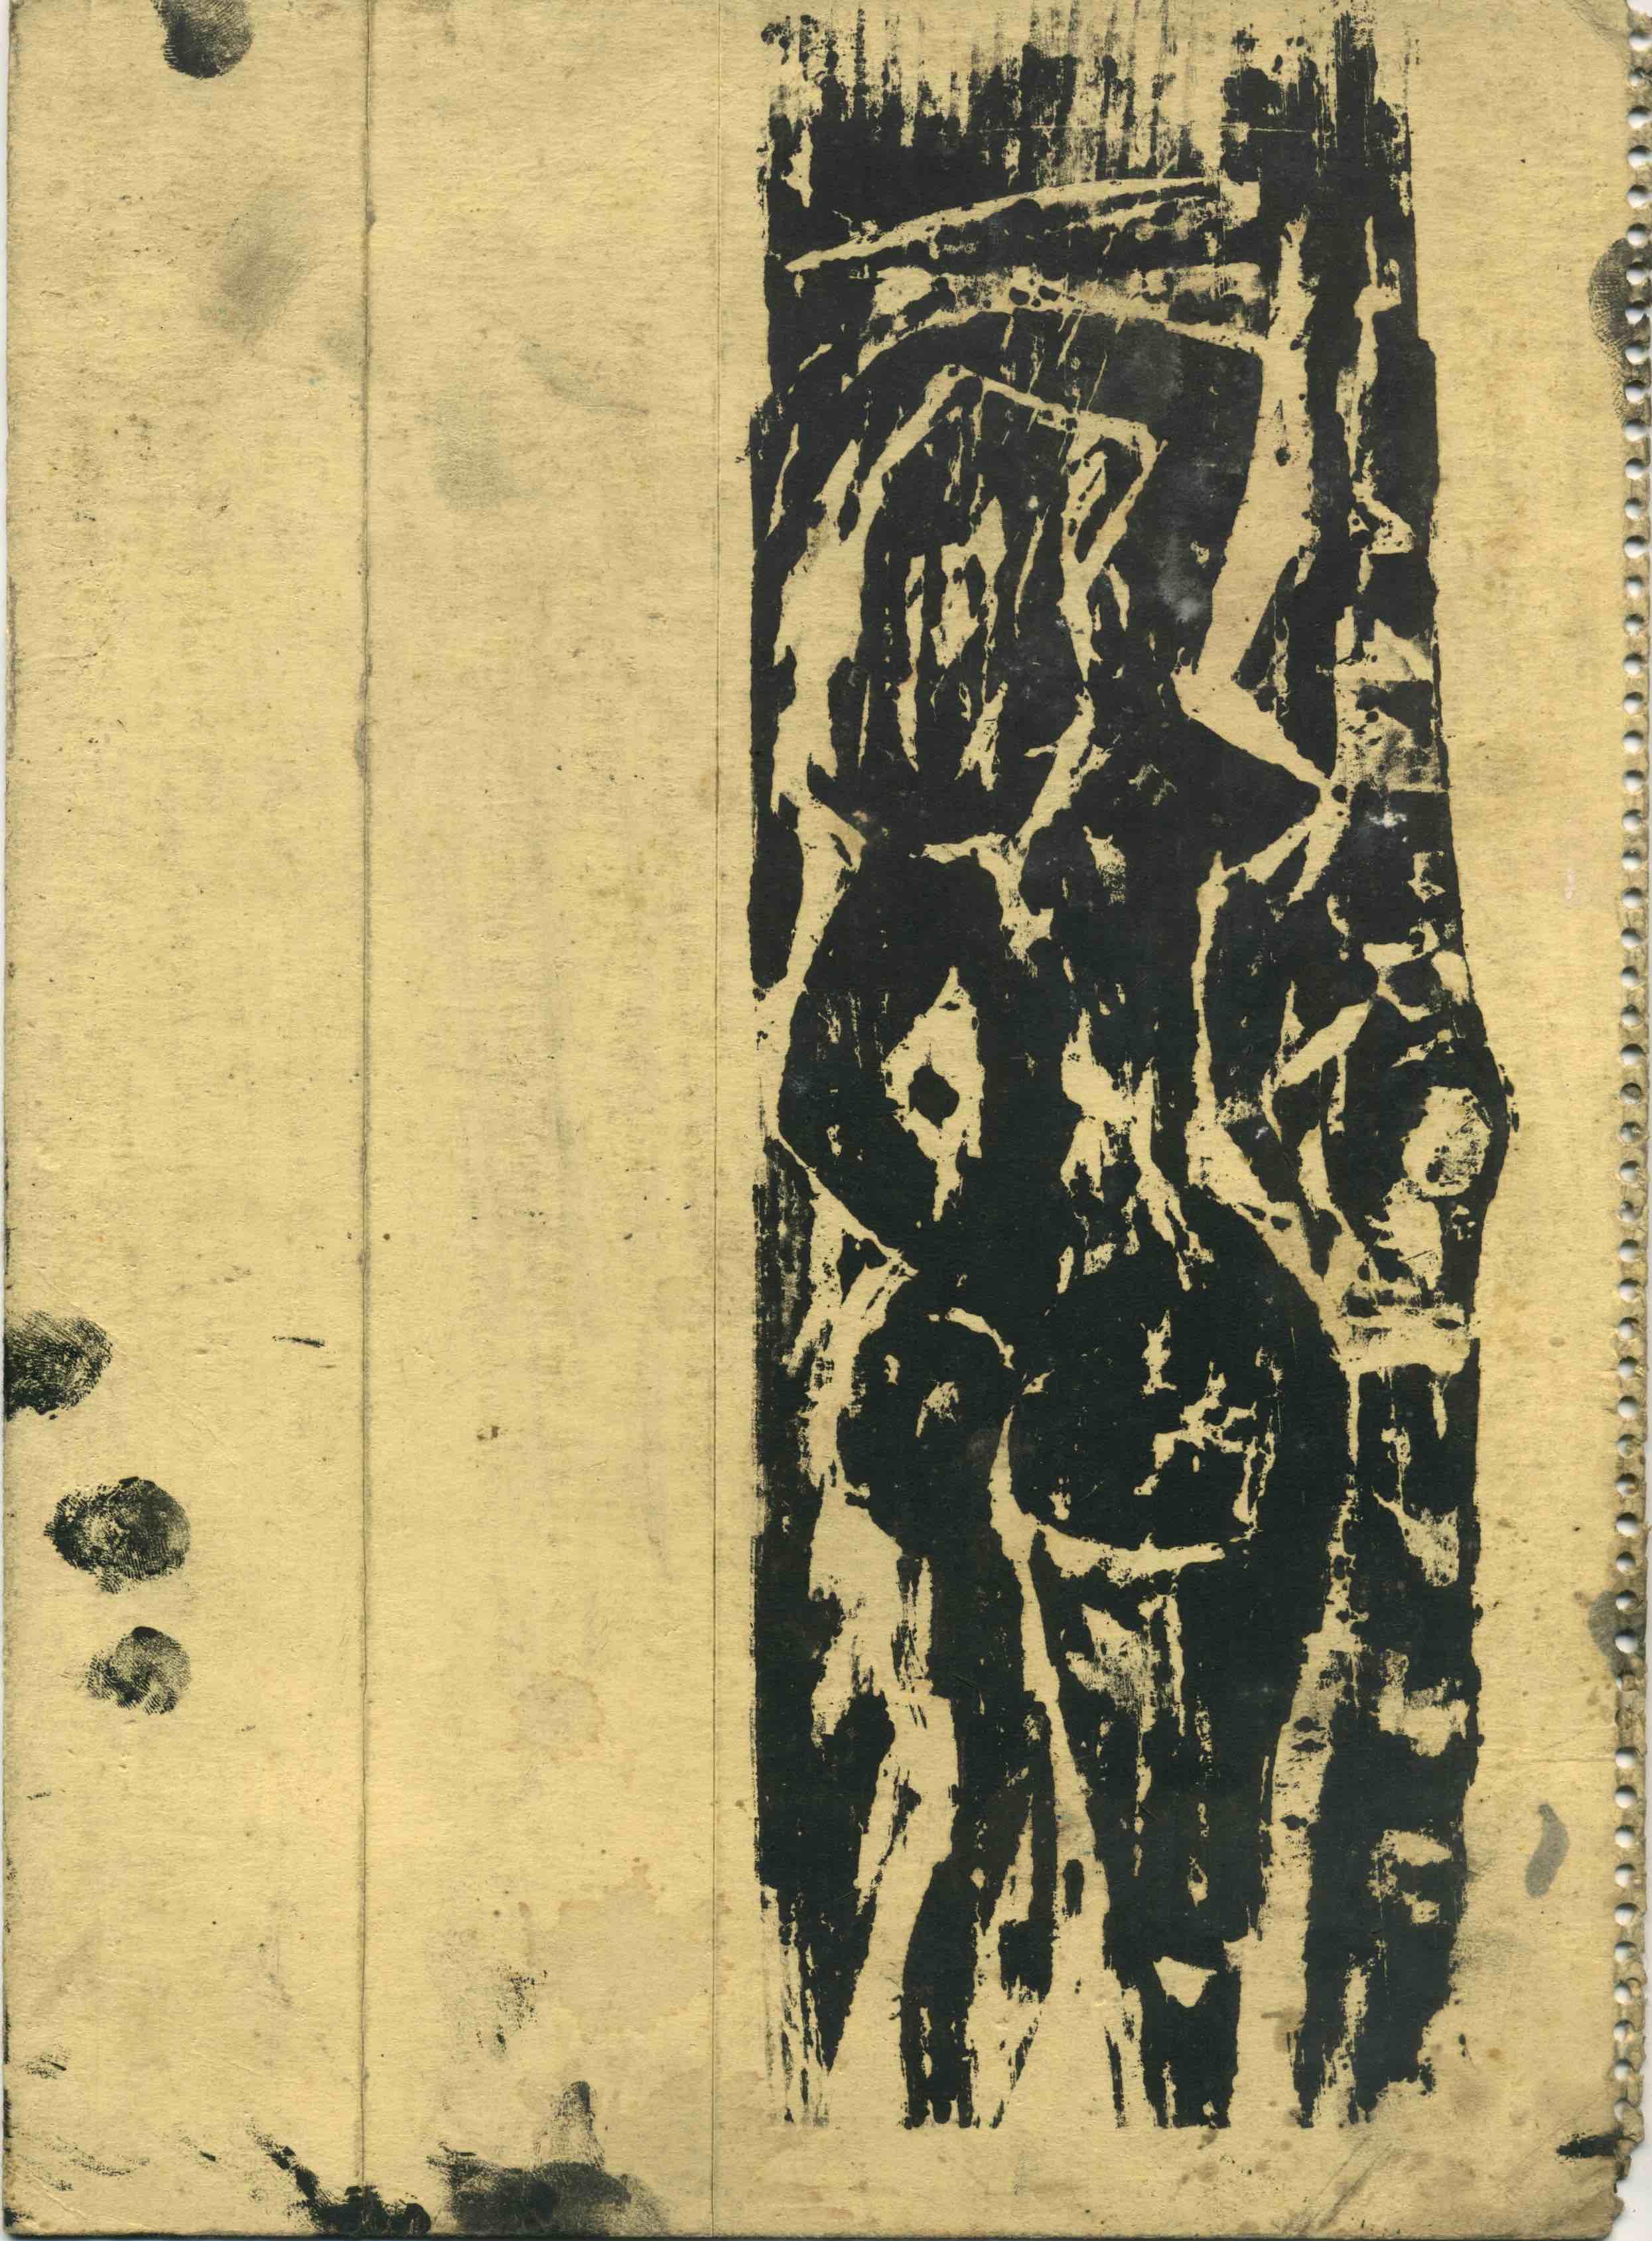 Miroslav Tichý    Untitled   Print 11.3 x 8.3 inches 28.7 x 21.1 cm MTi 80